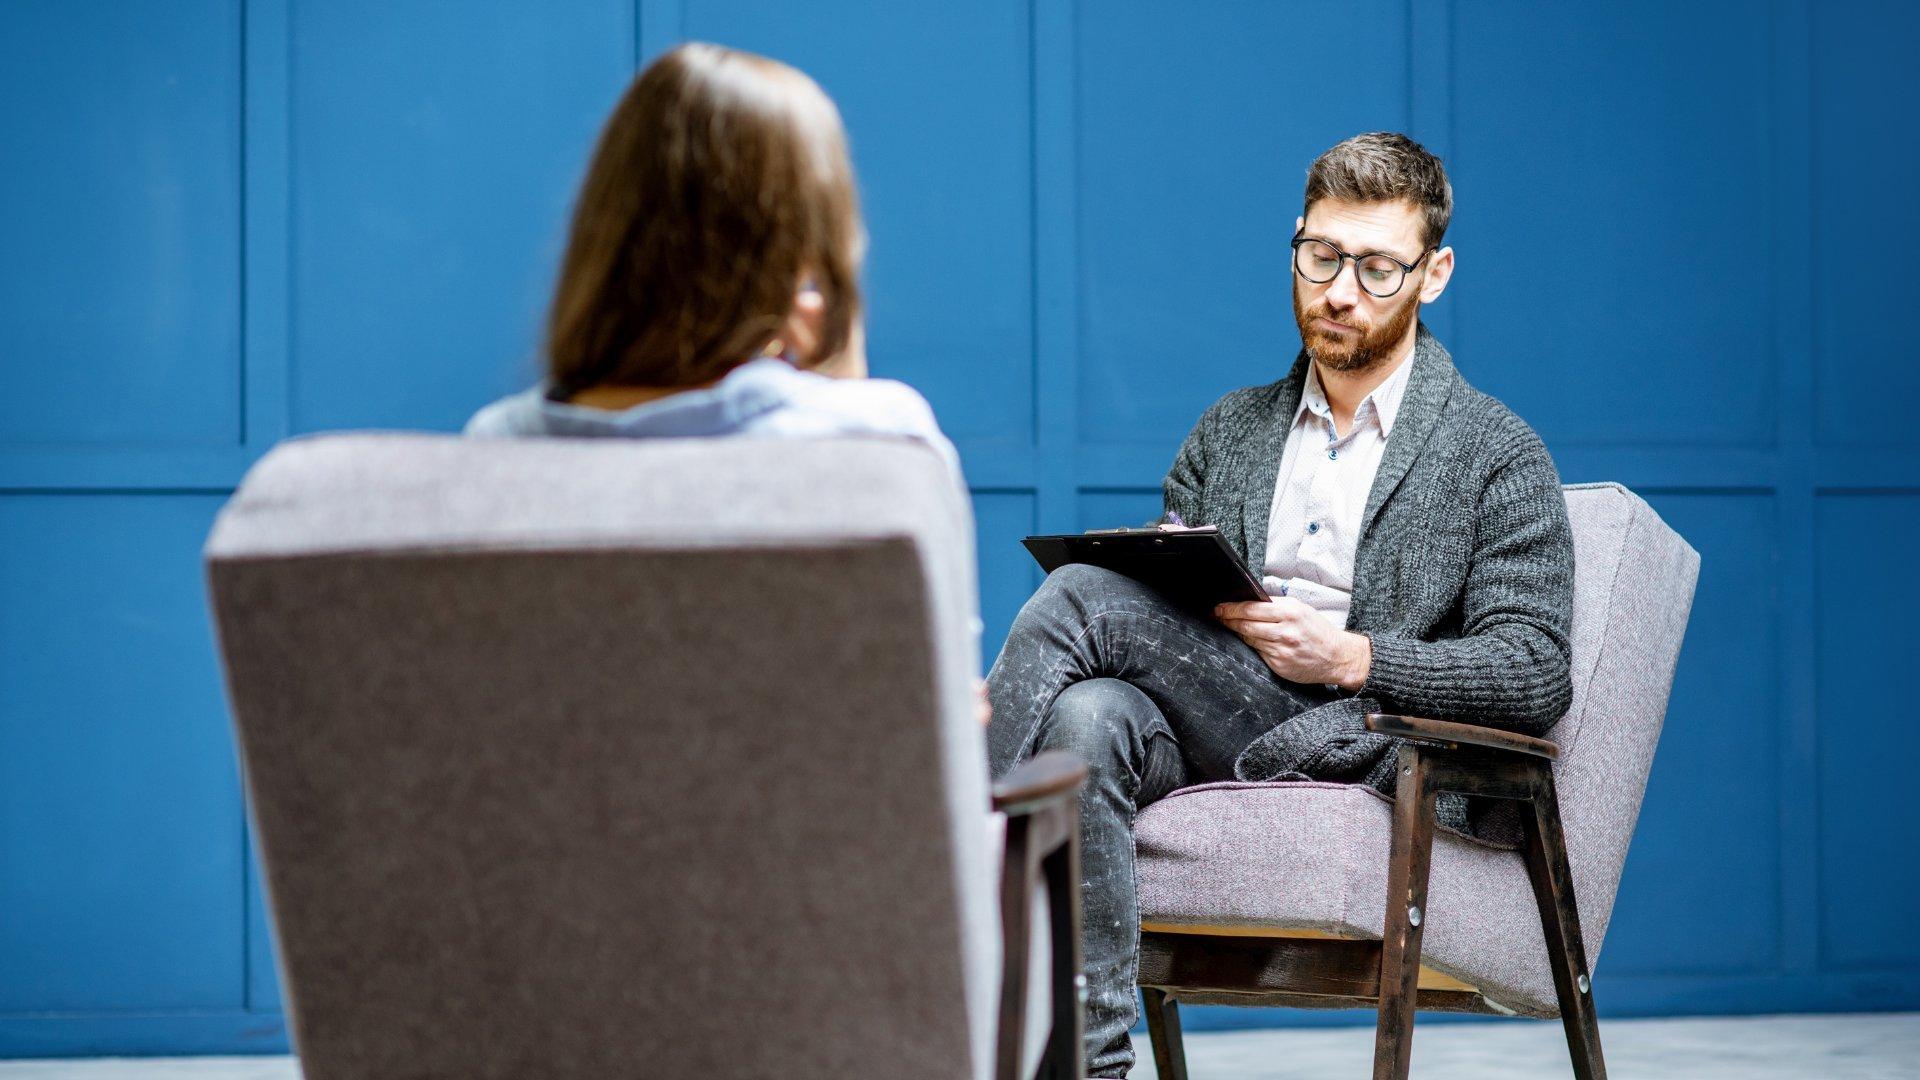 Psicólogo consultando paciente